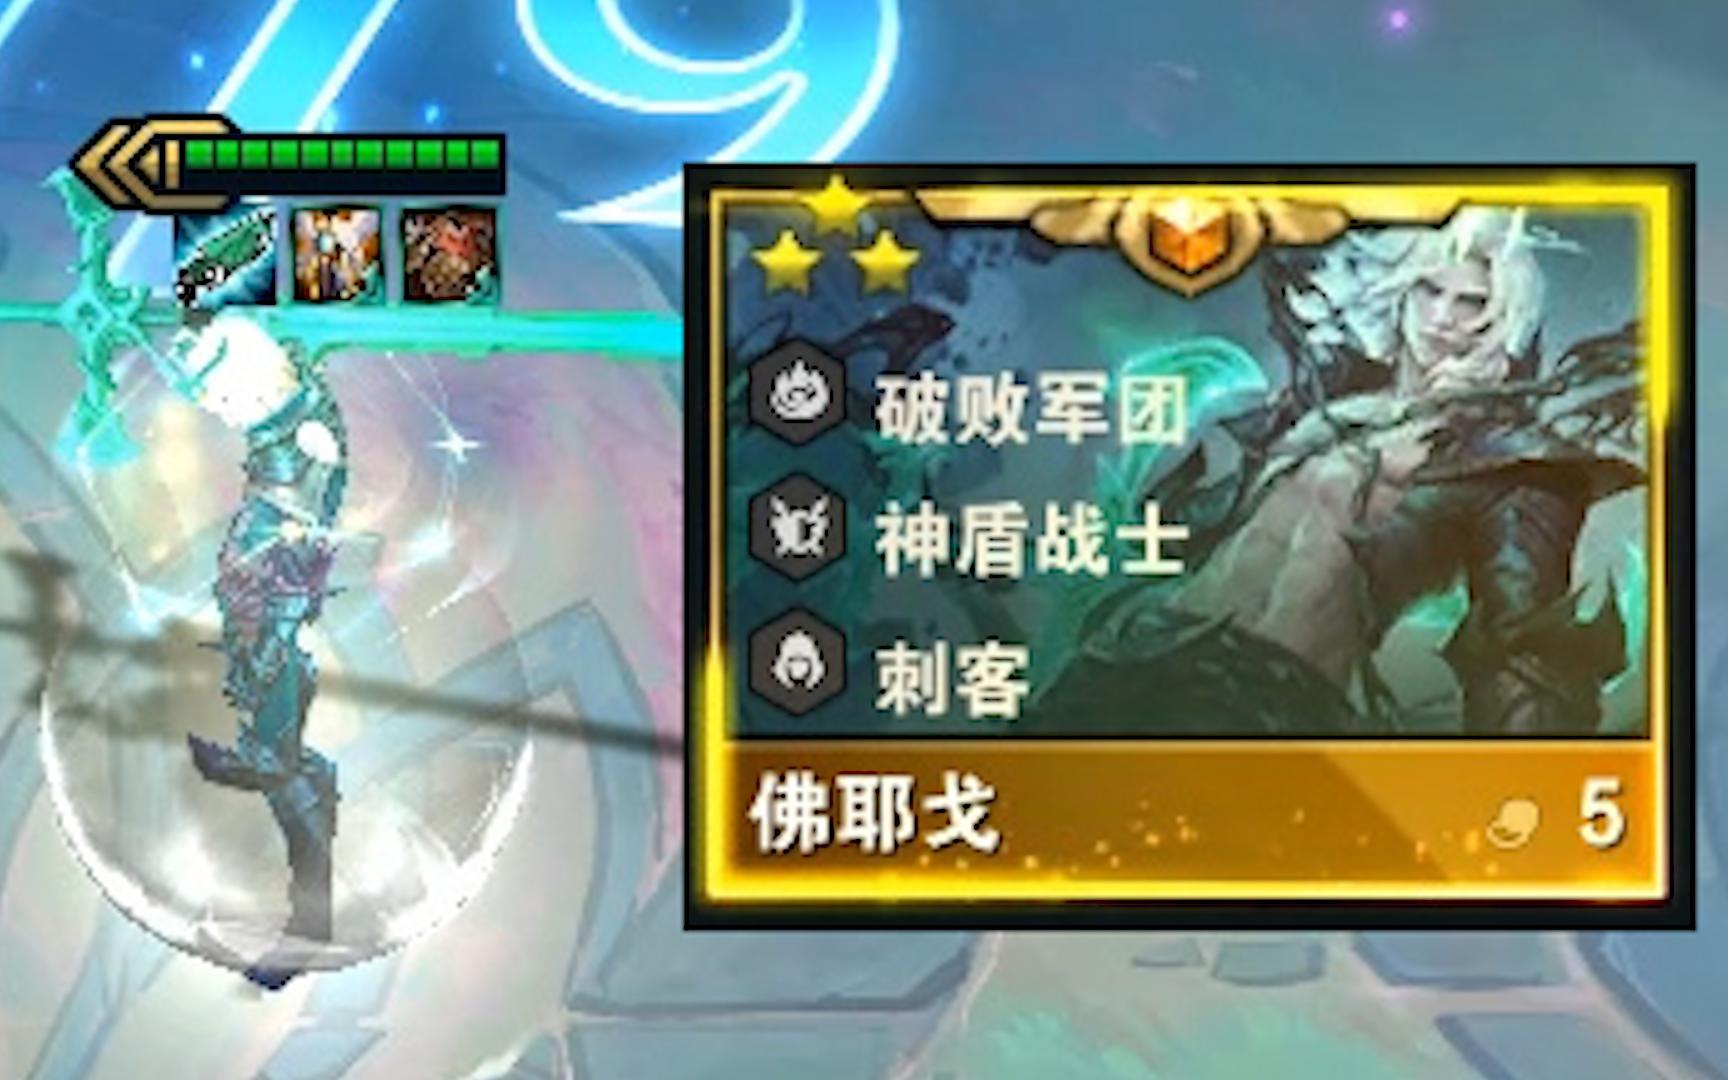 云顶S5: 三星五费 破败王 , 敌人全变成我方棋子! 你的三星就是我的三星!